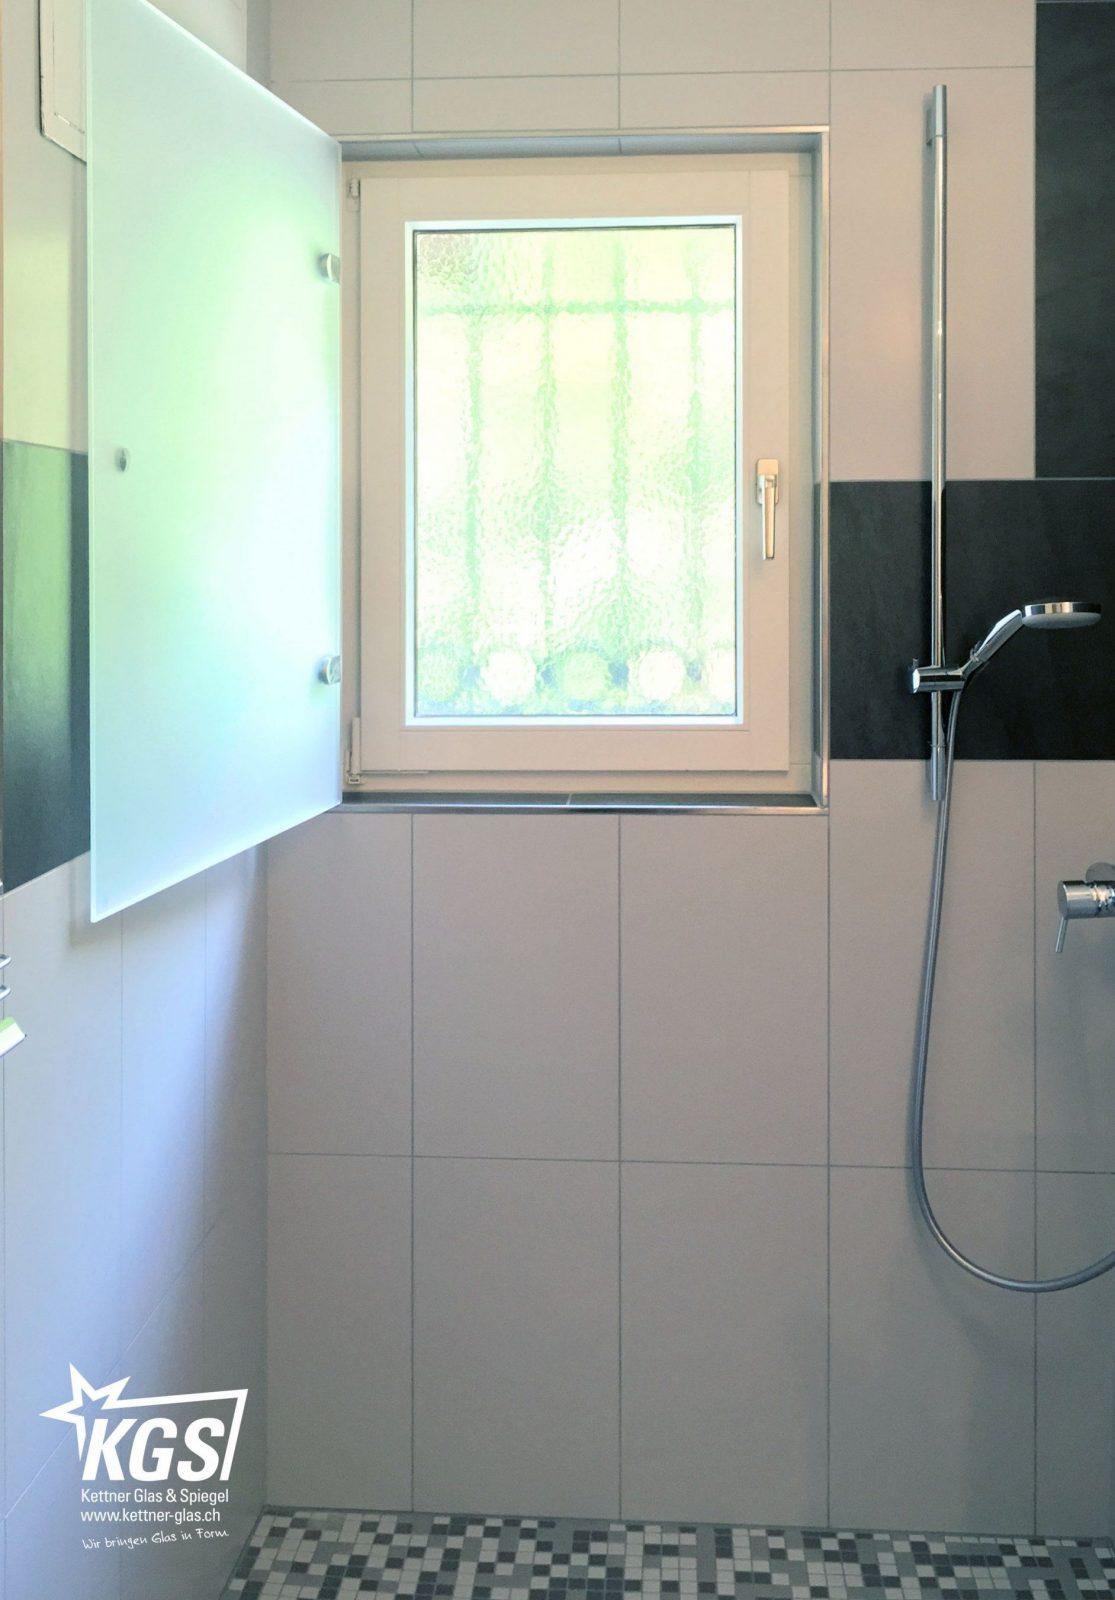 Dusche Bodengleich Kosten Bodengleiche Dusche Mit Duschrinne